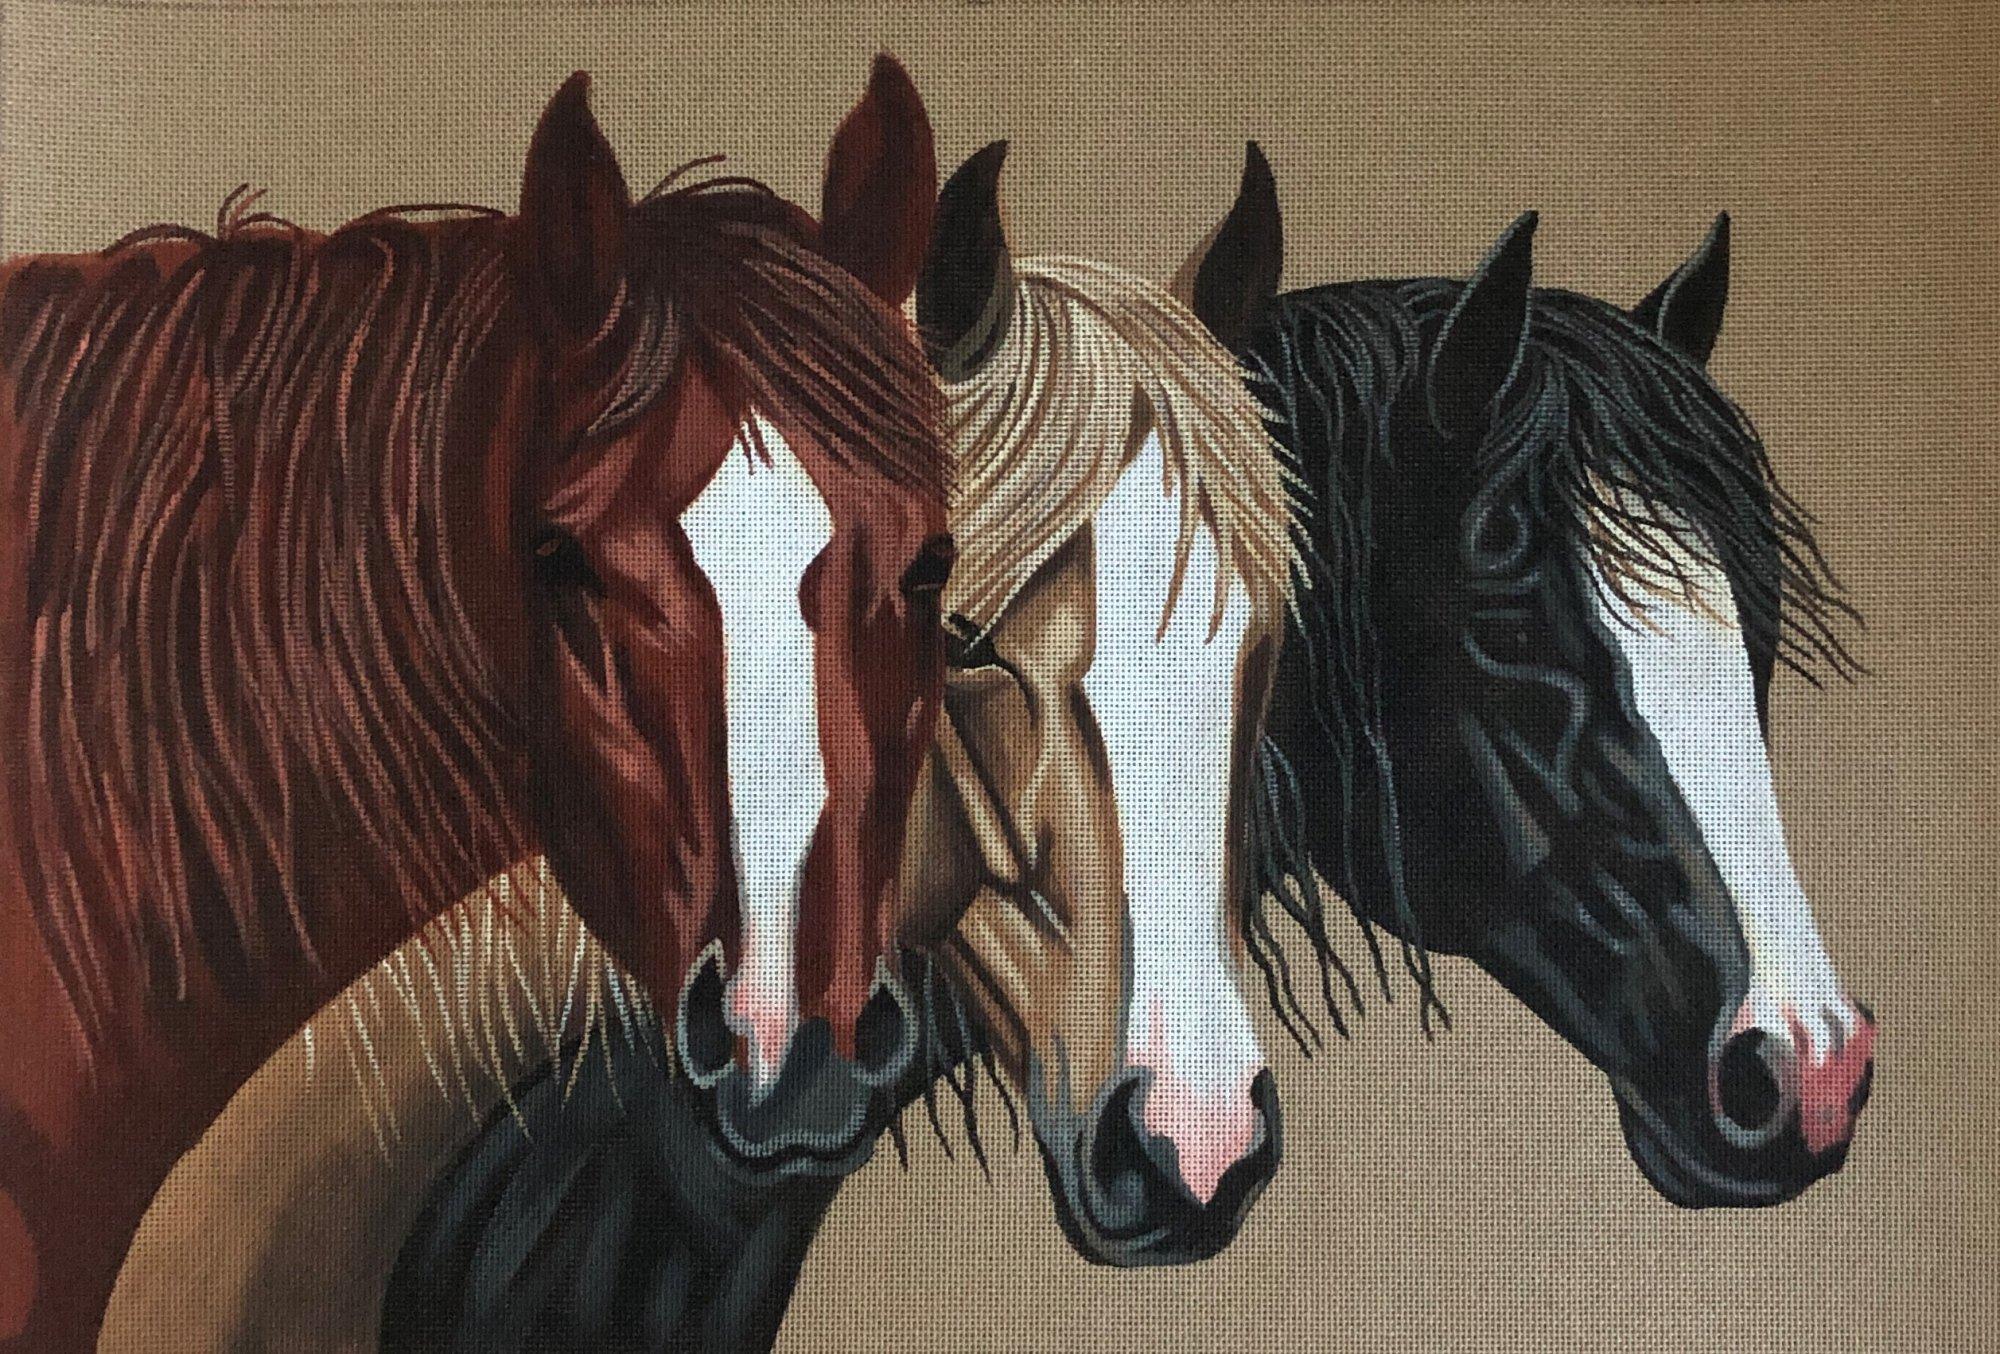 TTAP436 - 3 BLAZE HORSES